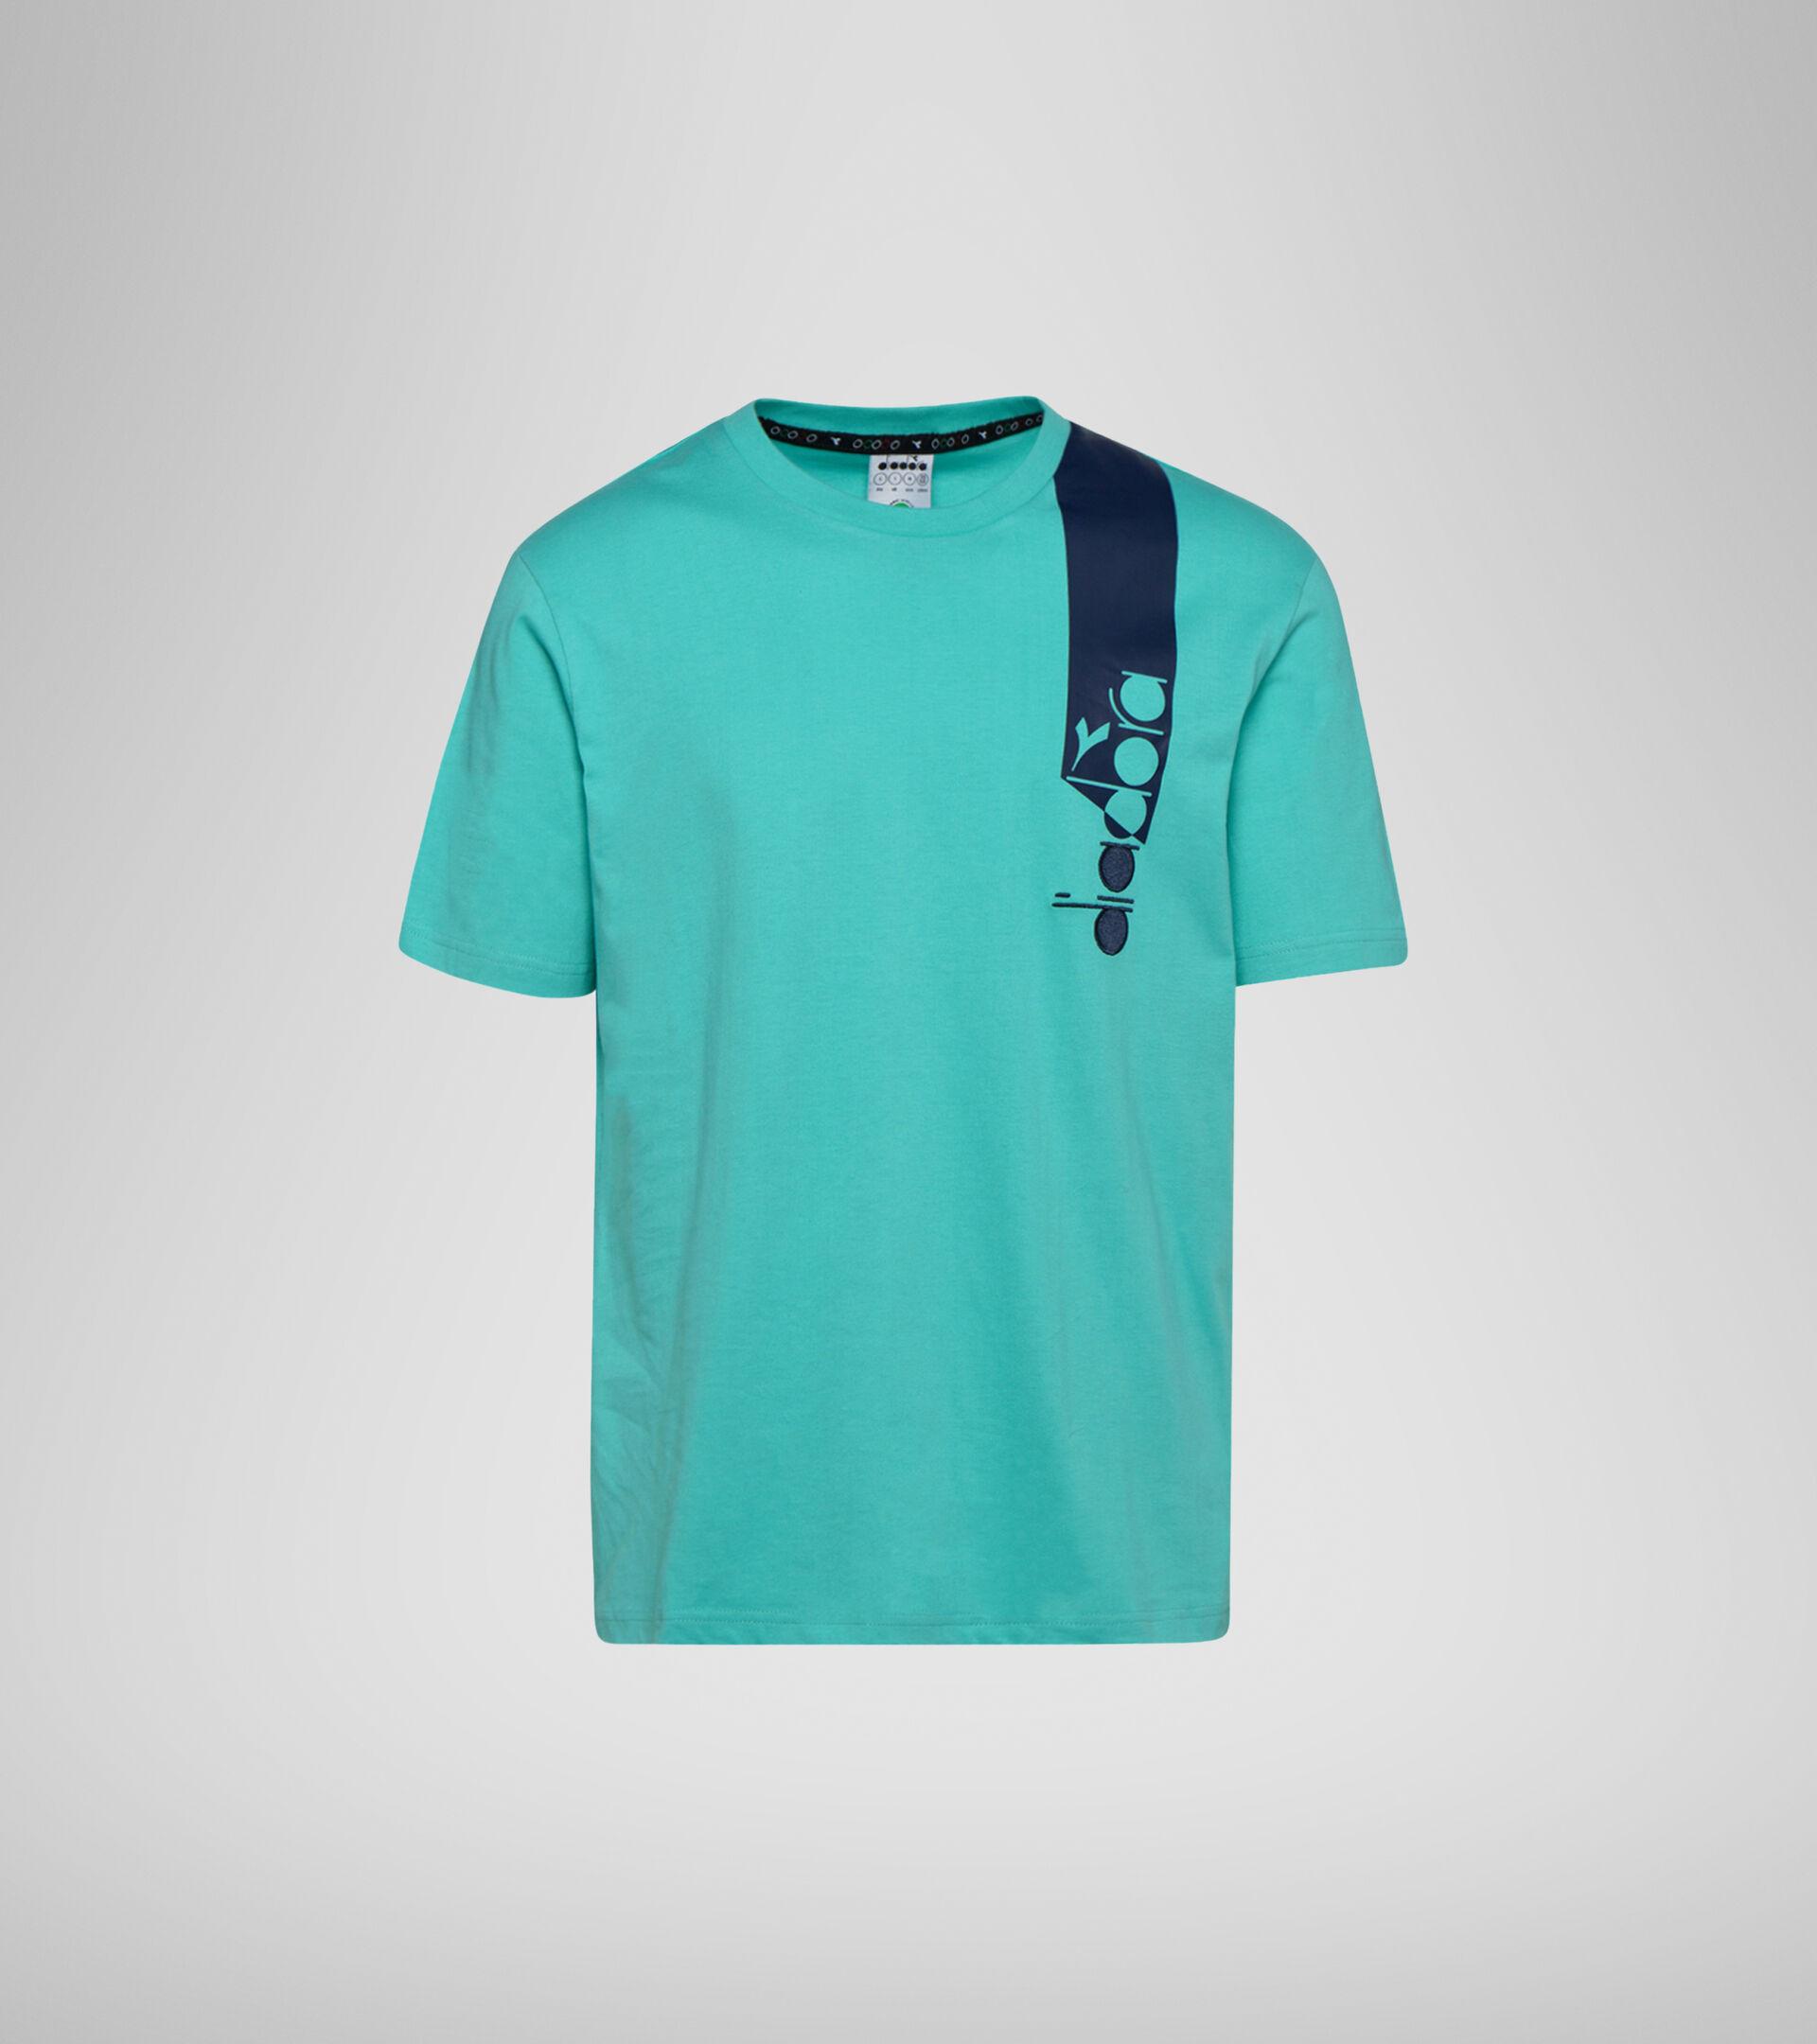 Apparel Sportswear UOMO T-SHIRT SS ICON VERDE FLORIDA Diadora